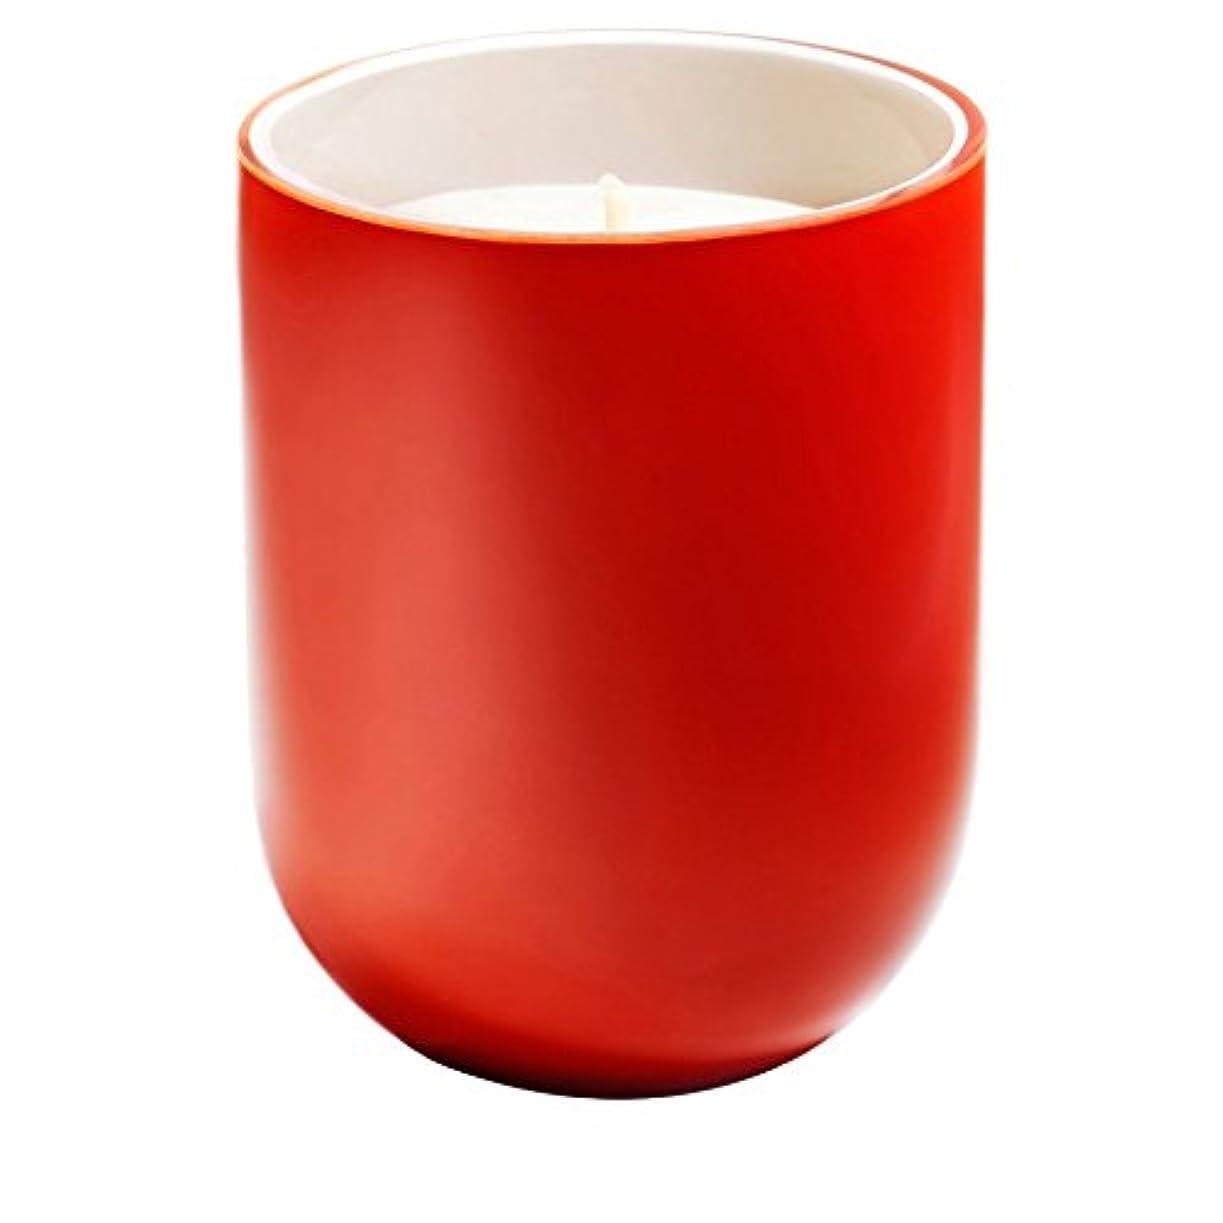 癌地図本物Frederic Malle Russian Night Scented Candle (Pack of 4) - フレデリック?マルロシアの夜香りのキャンドル x4 [並行輸入品]